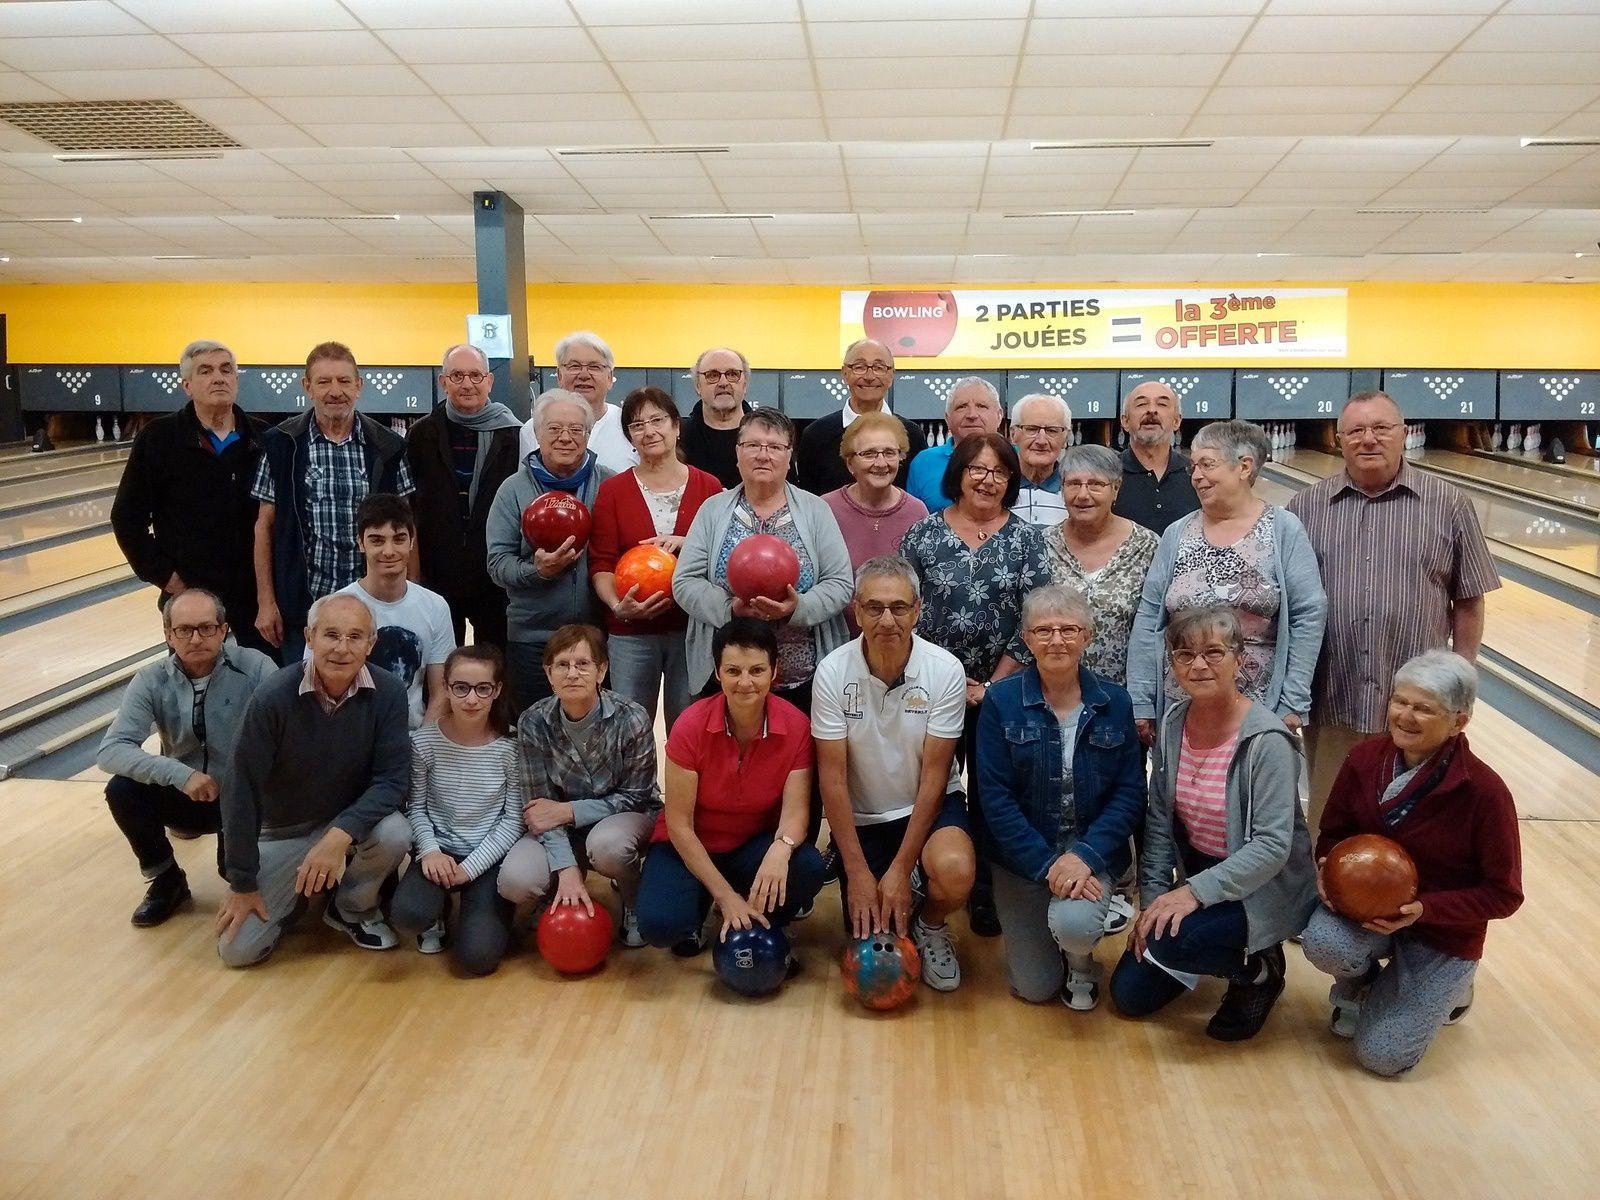 Résultat bowling du 26 04 2018